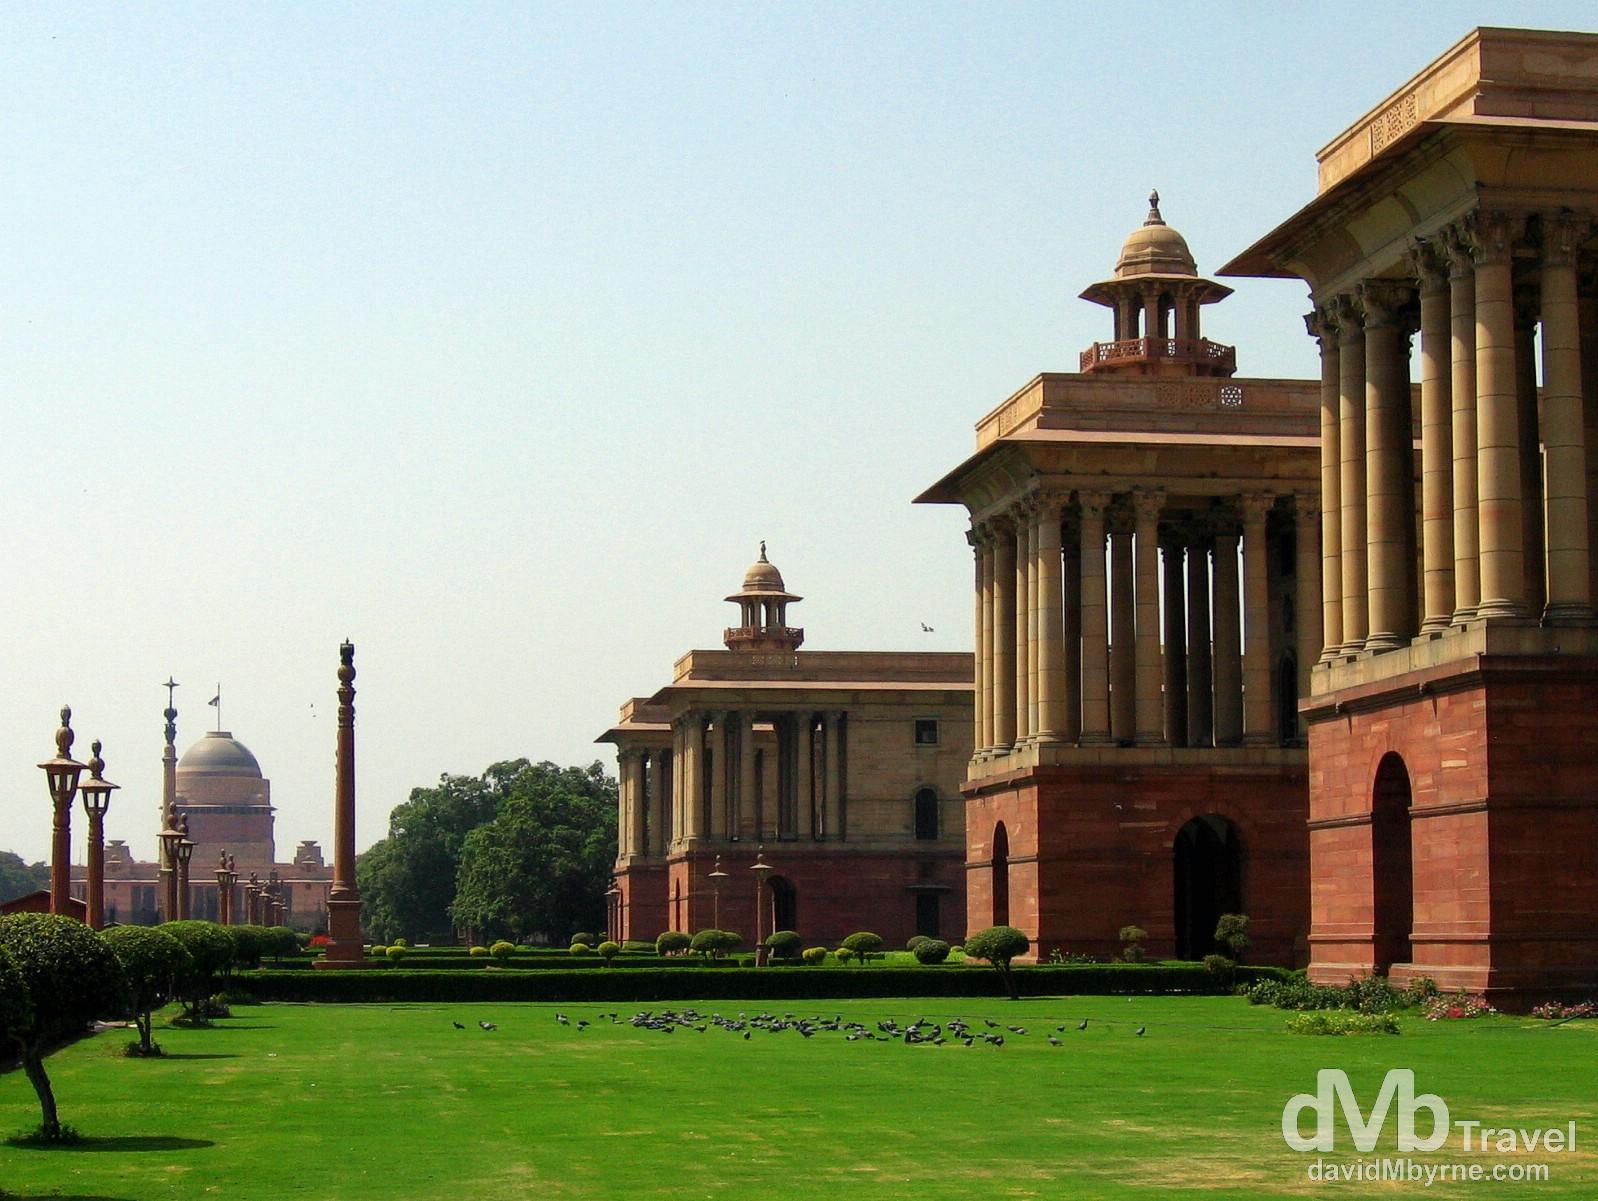 New Delhi Parliament buildings, New Delhi, India. March 22, 2008.